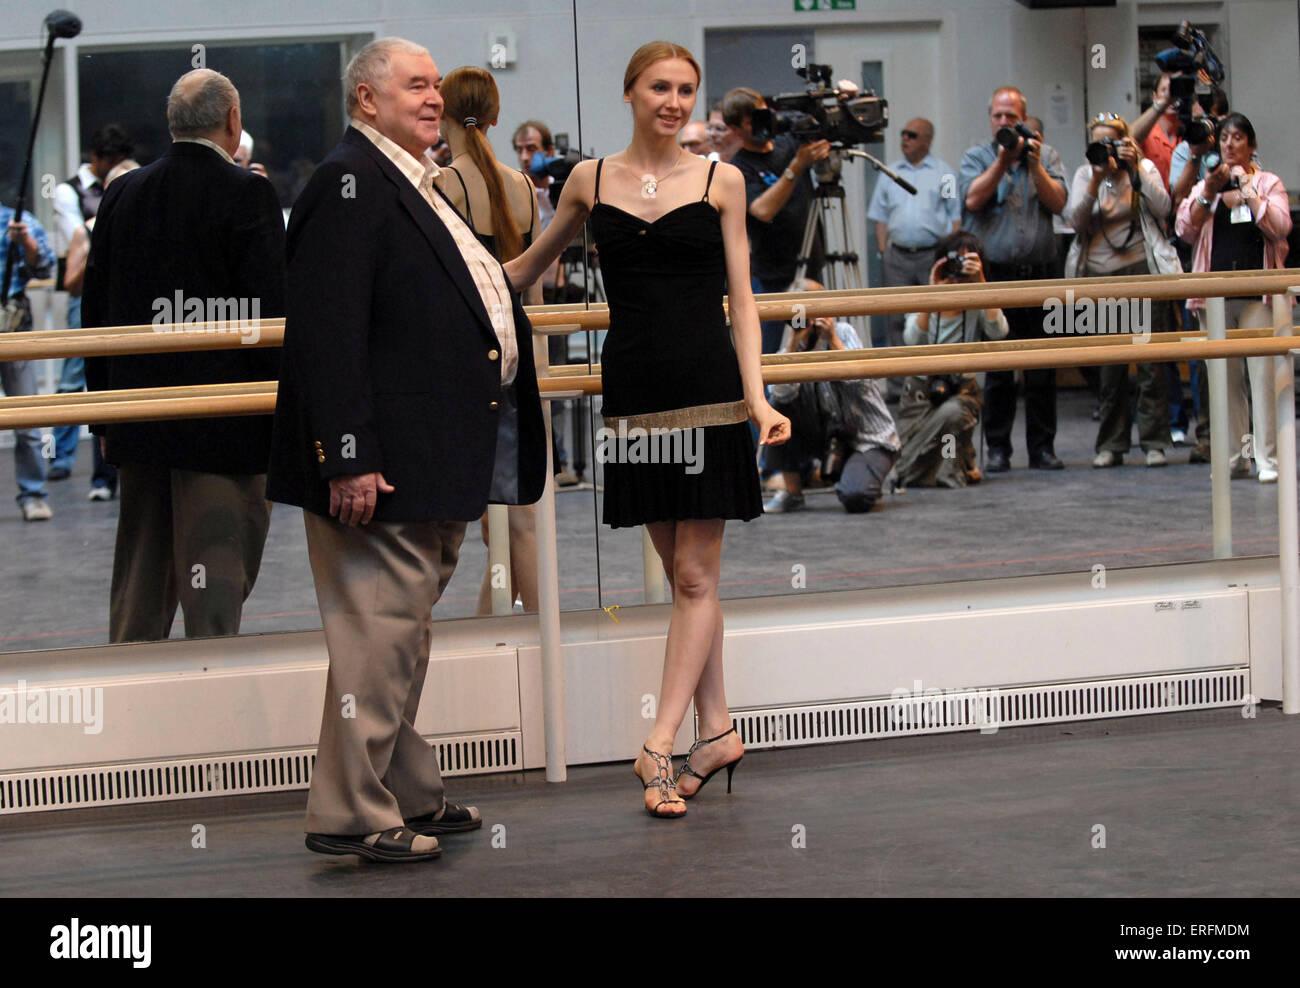 Mironyuk Svetlana: biography and career